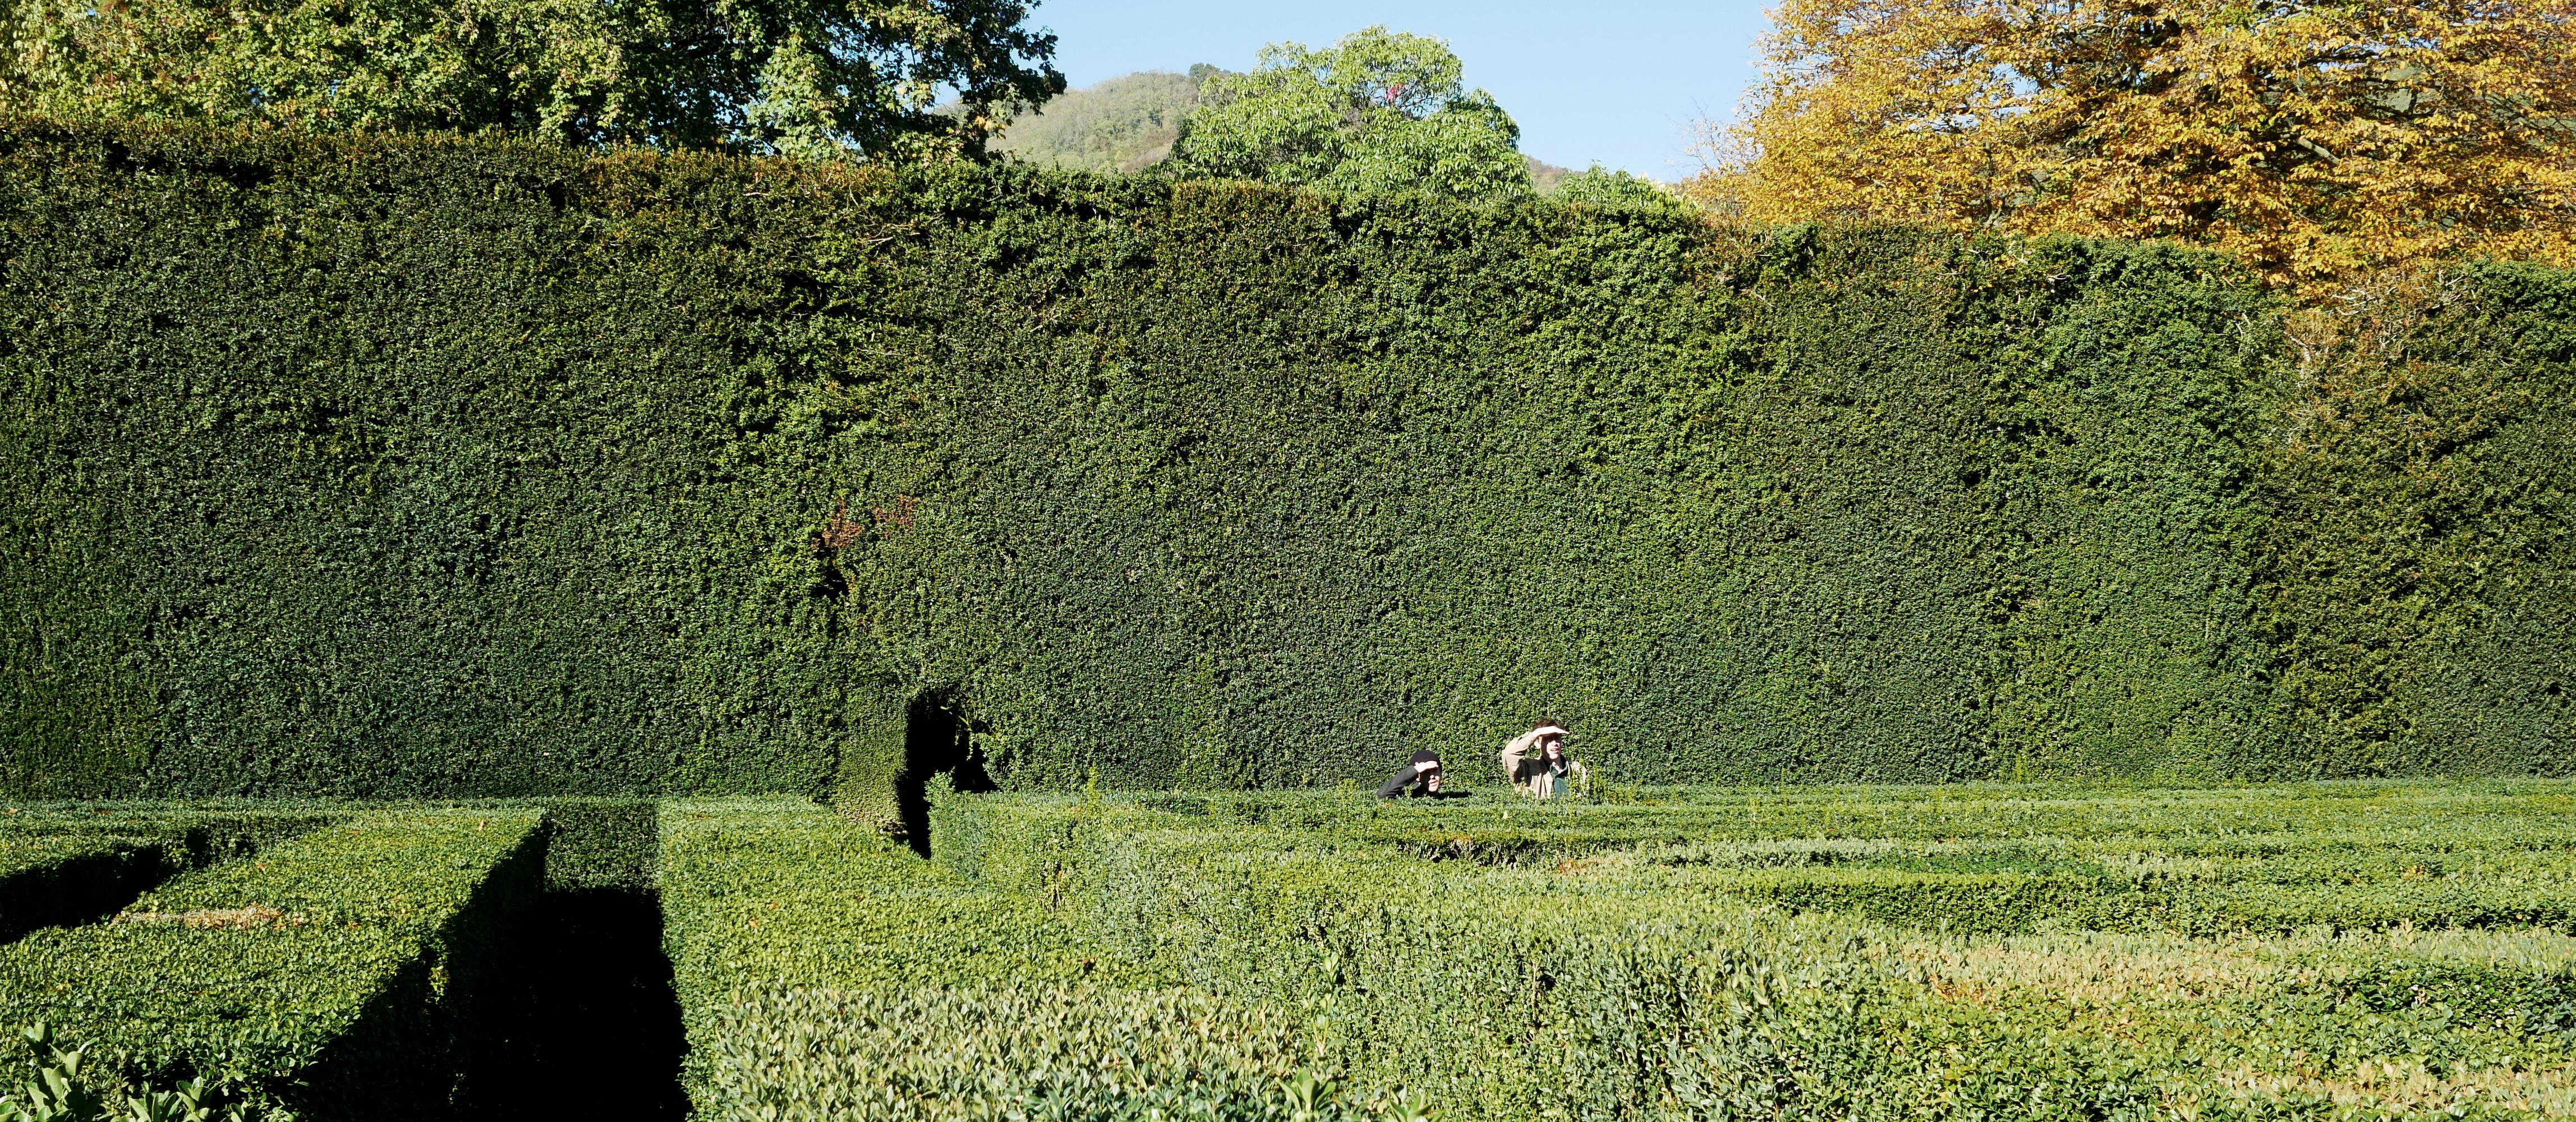 Theorylab-Landscape Architecture-ETH Zürich-Prof. Girot